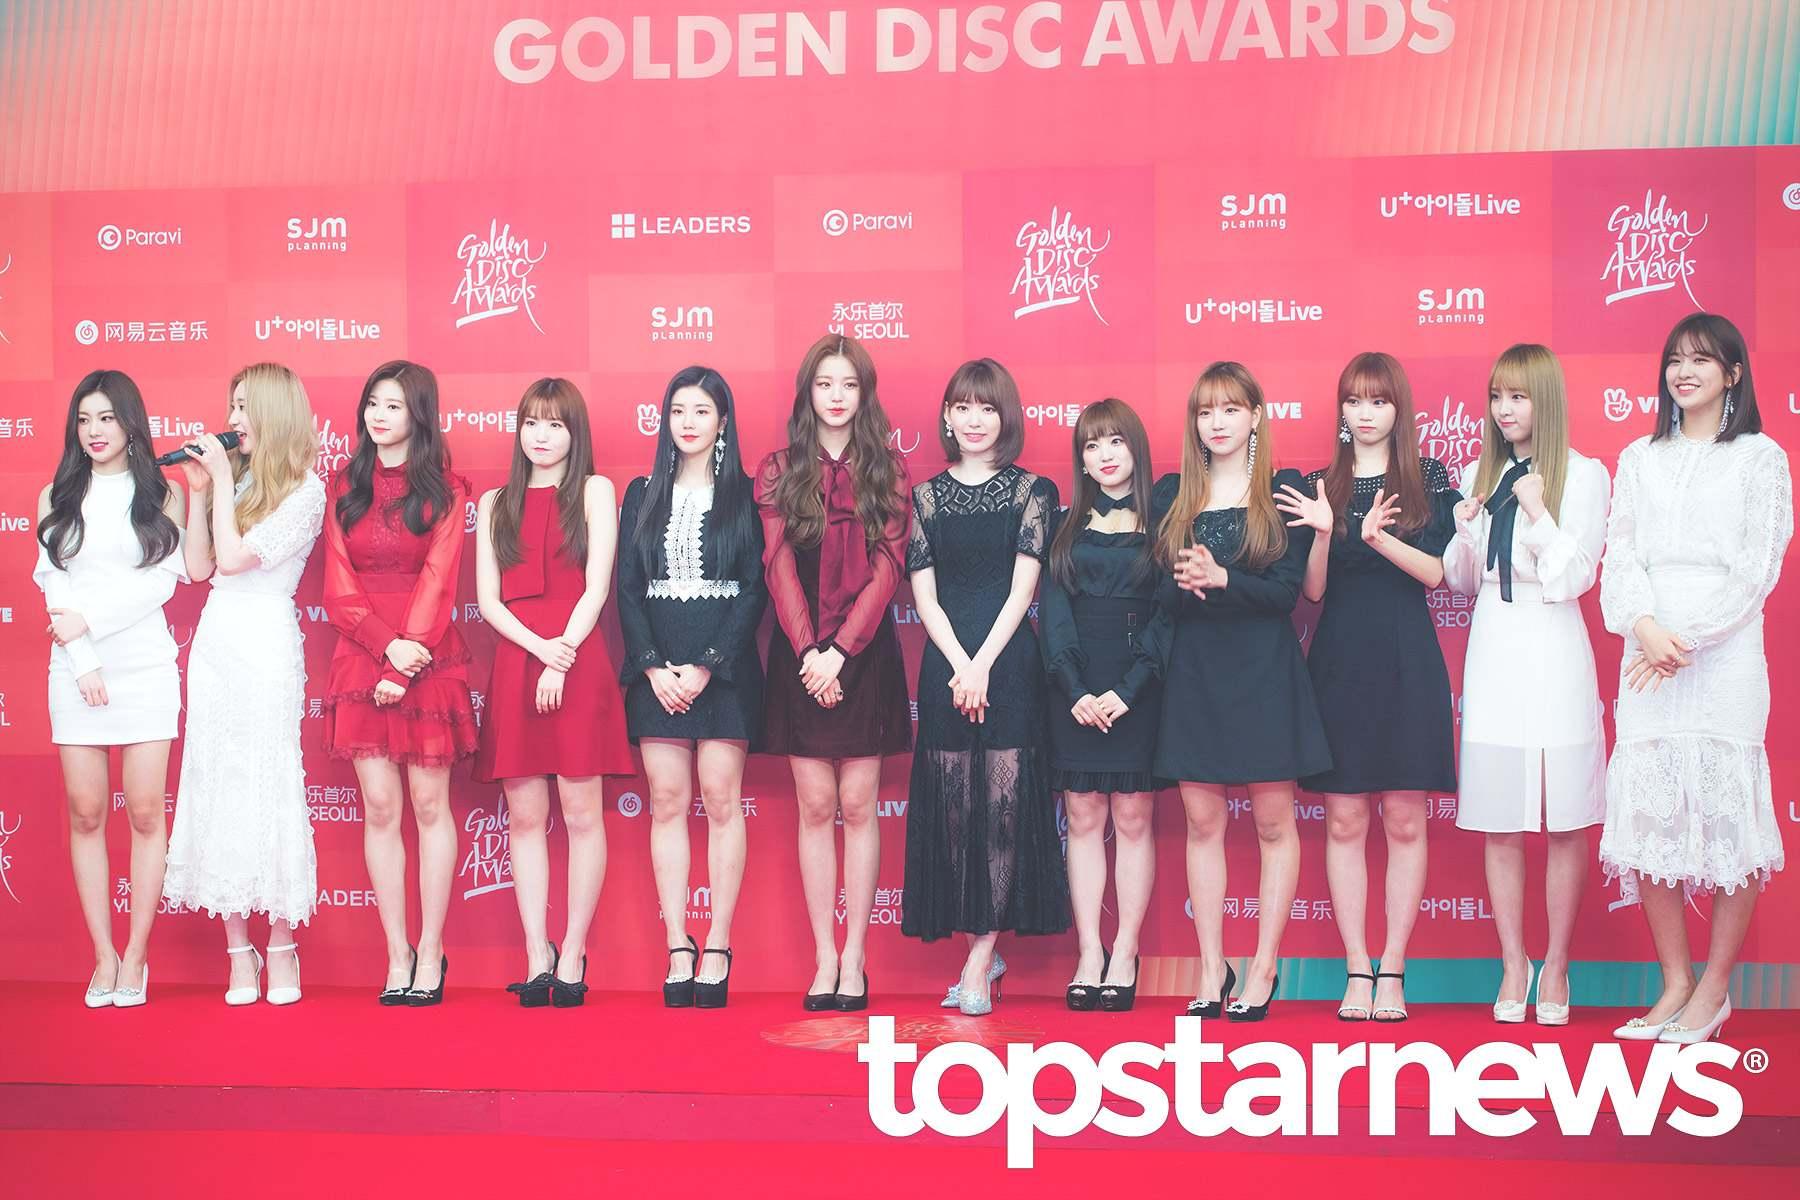 而在2018年出道的新人中,能幸運被粉絲們記住的團體,絕對不能少掉從《PRODUCE 48》選秀節目結束後推出的IZ*ONE。出道10天就拿下音樂節目一位的她們,不僅在去年女團總銷量中僅次TWICE、Red Velvet、BLACKPINK排名第4,在年末的各大頒獎典禮中,IZ*ONE也橫掃多座新人獎,讓人非常期待她們在2019年的表現阿!